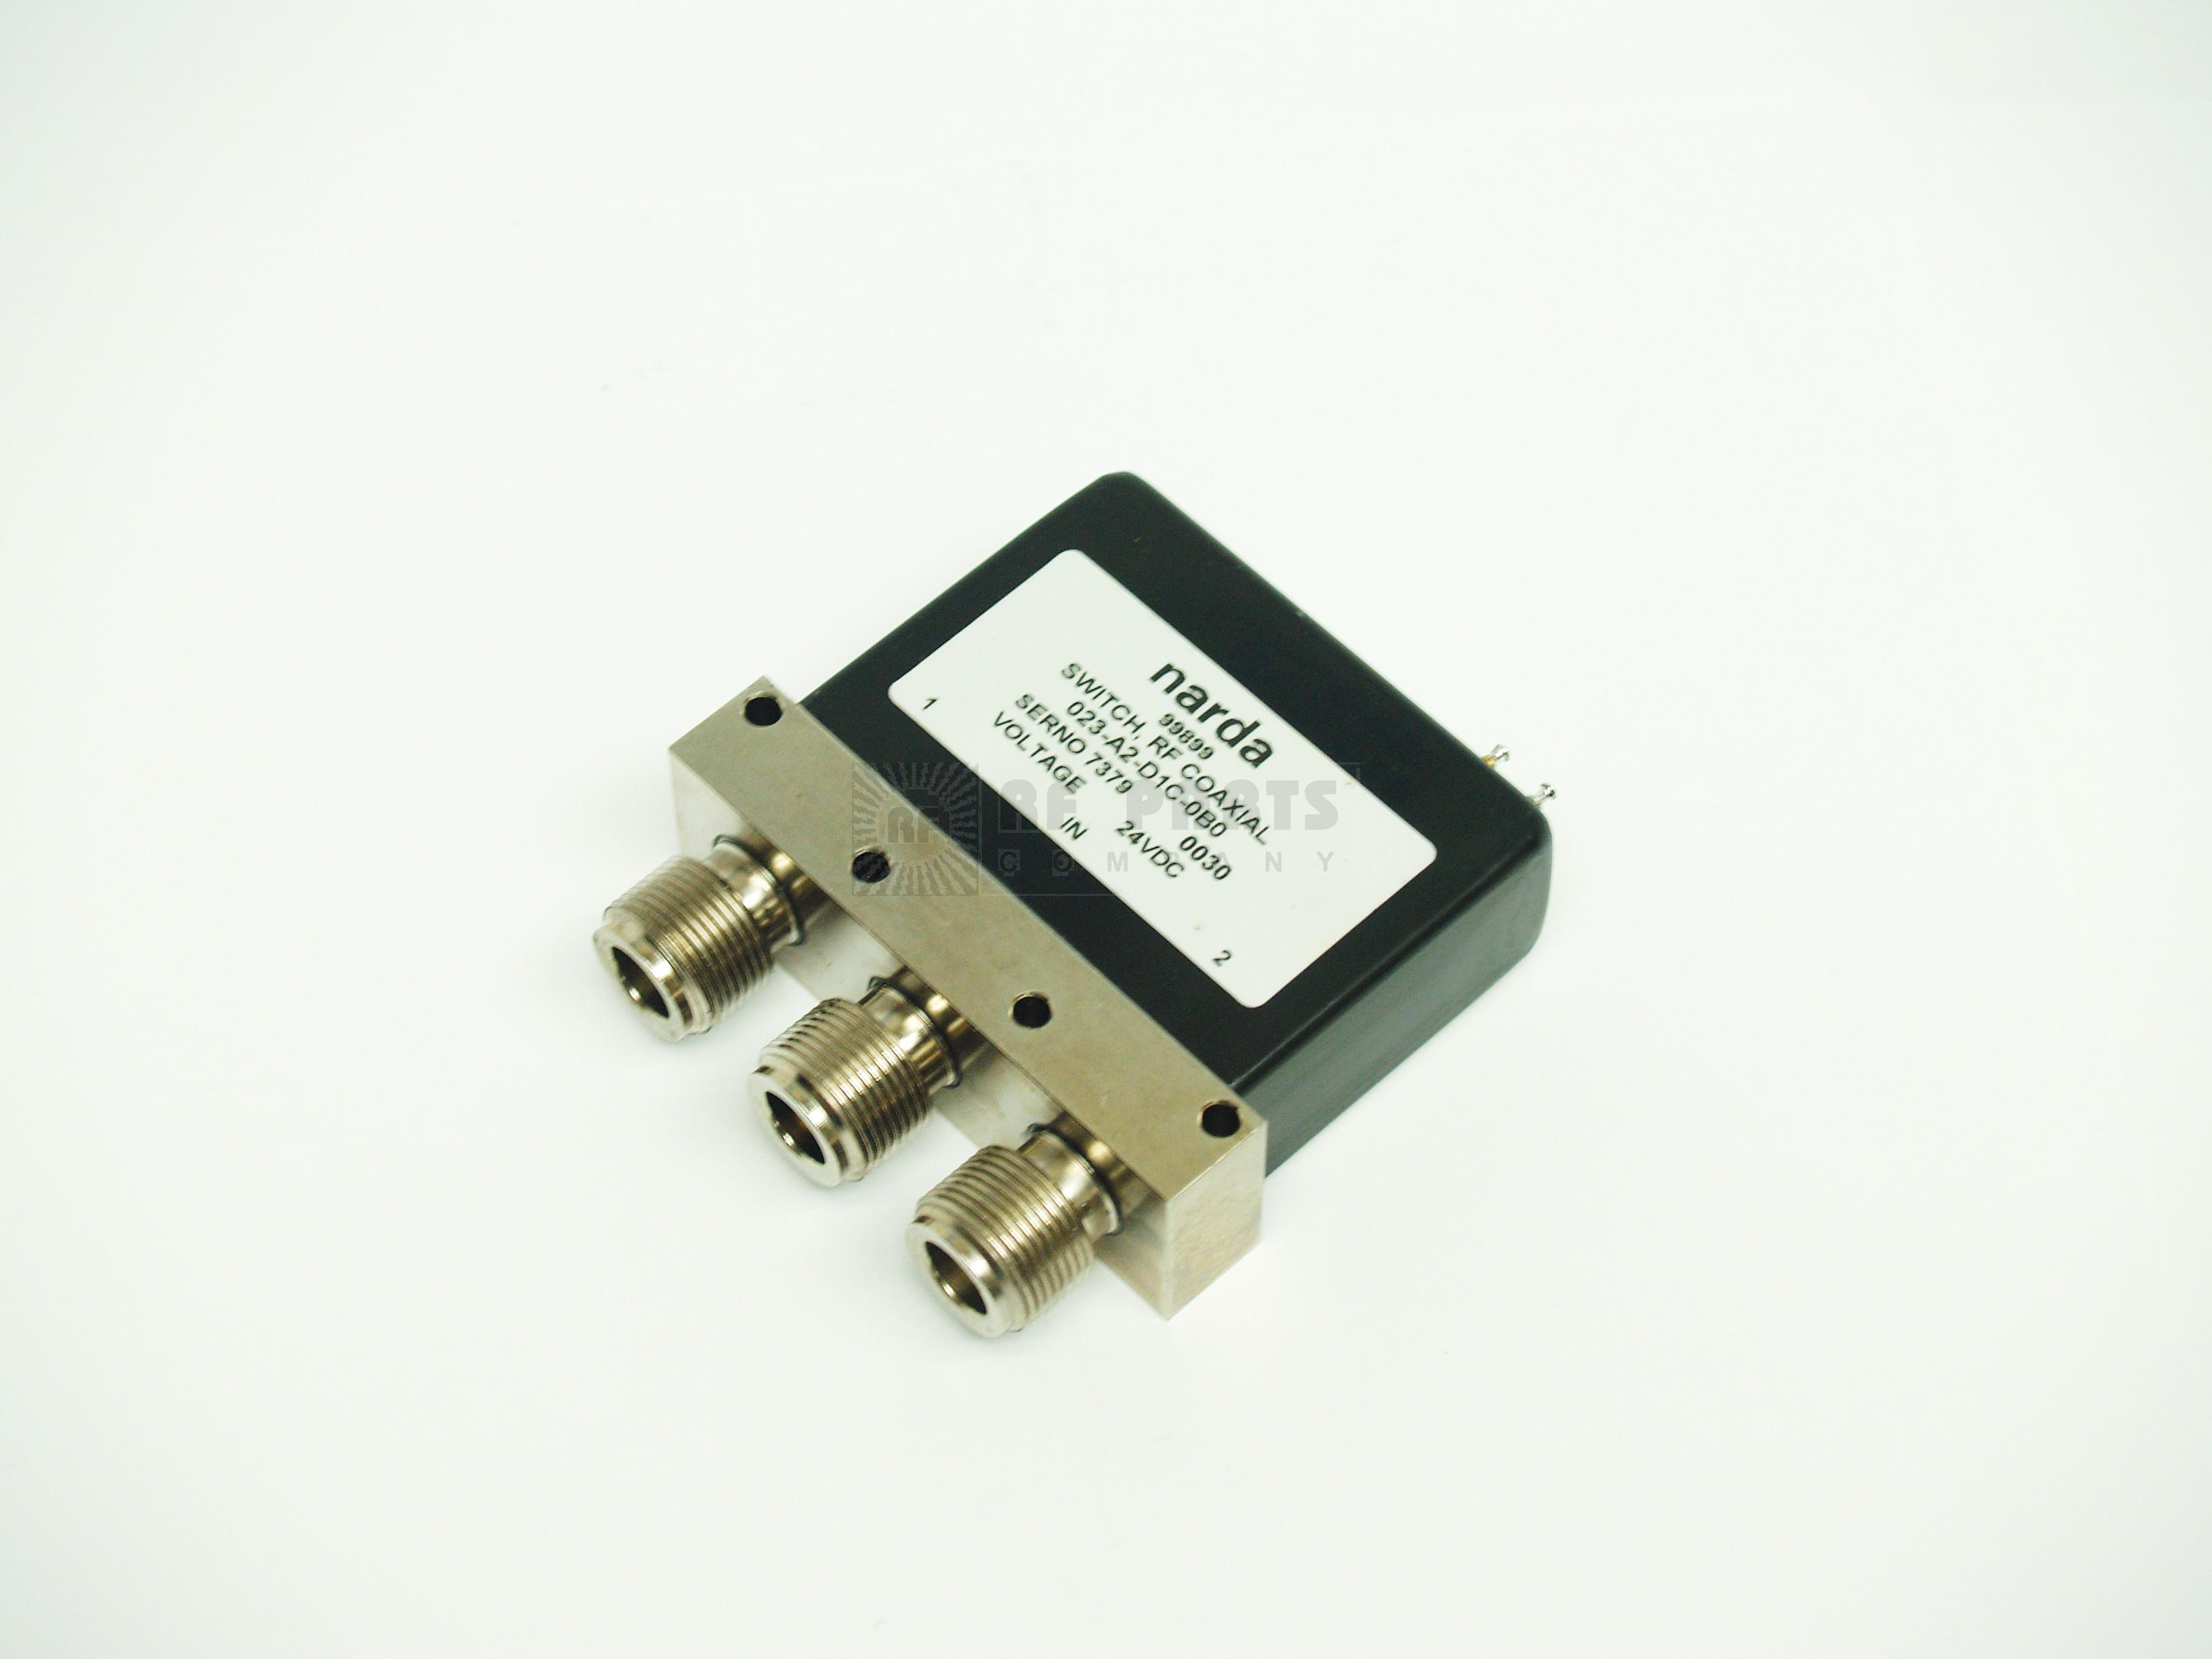 023-A2-D1C-0B0 Coaxial relay, spdt 24vdc